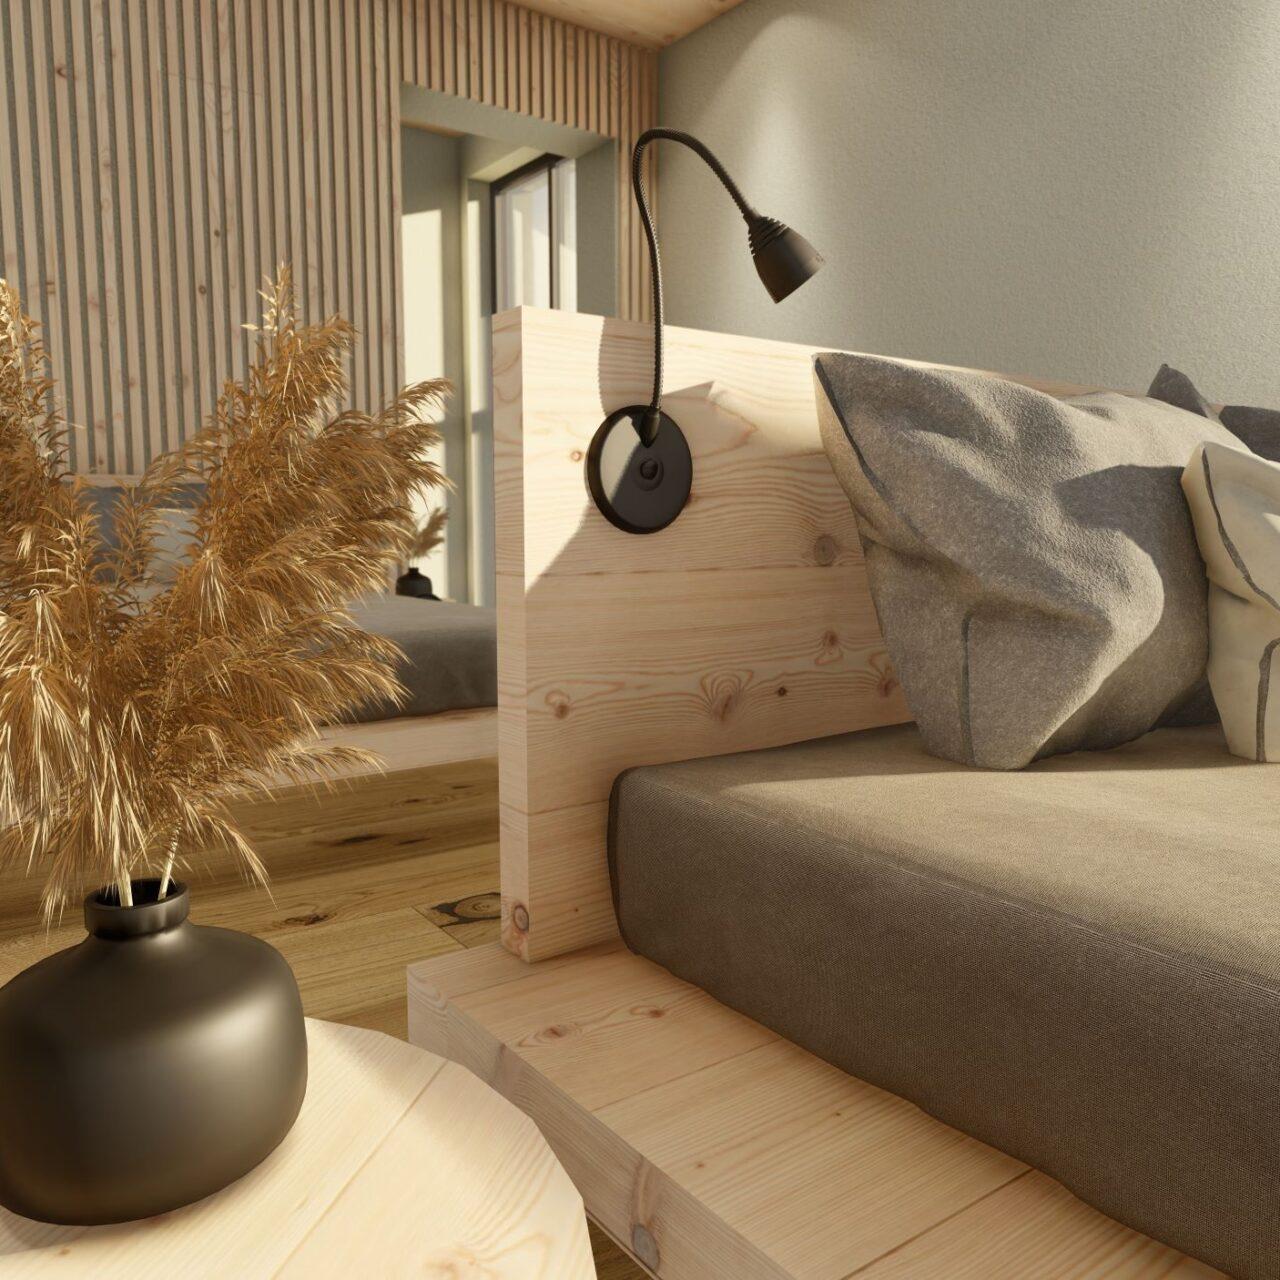 Hofgut-Apartment-lifestyle-resort-sauna-und-ruhebereich-adults-only1